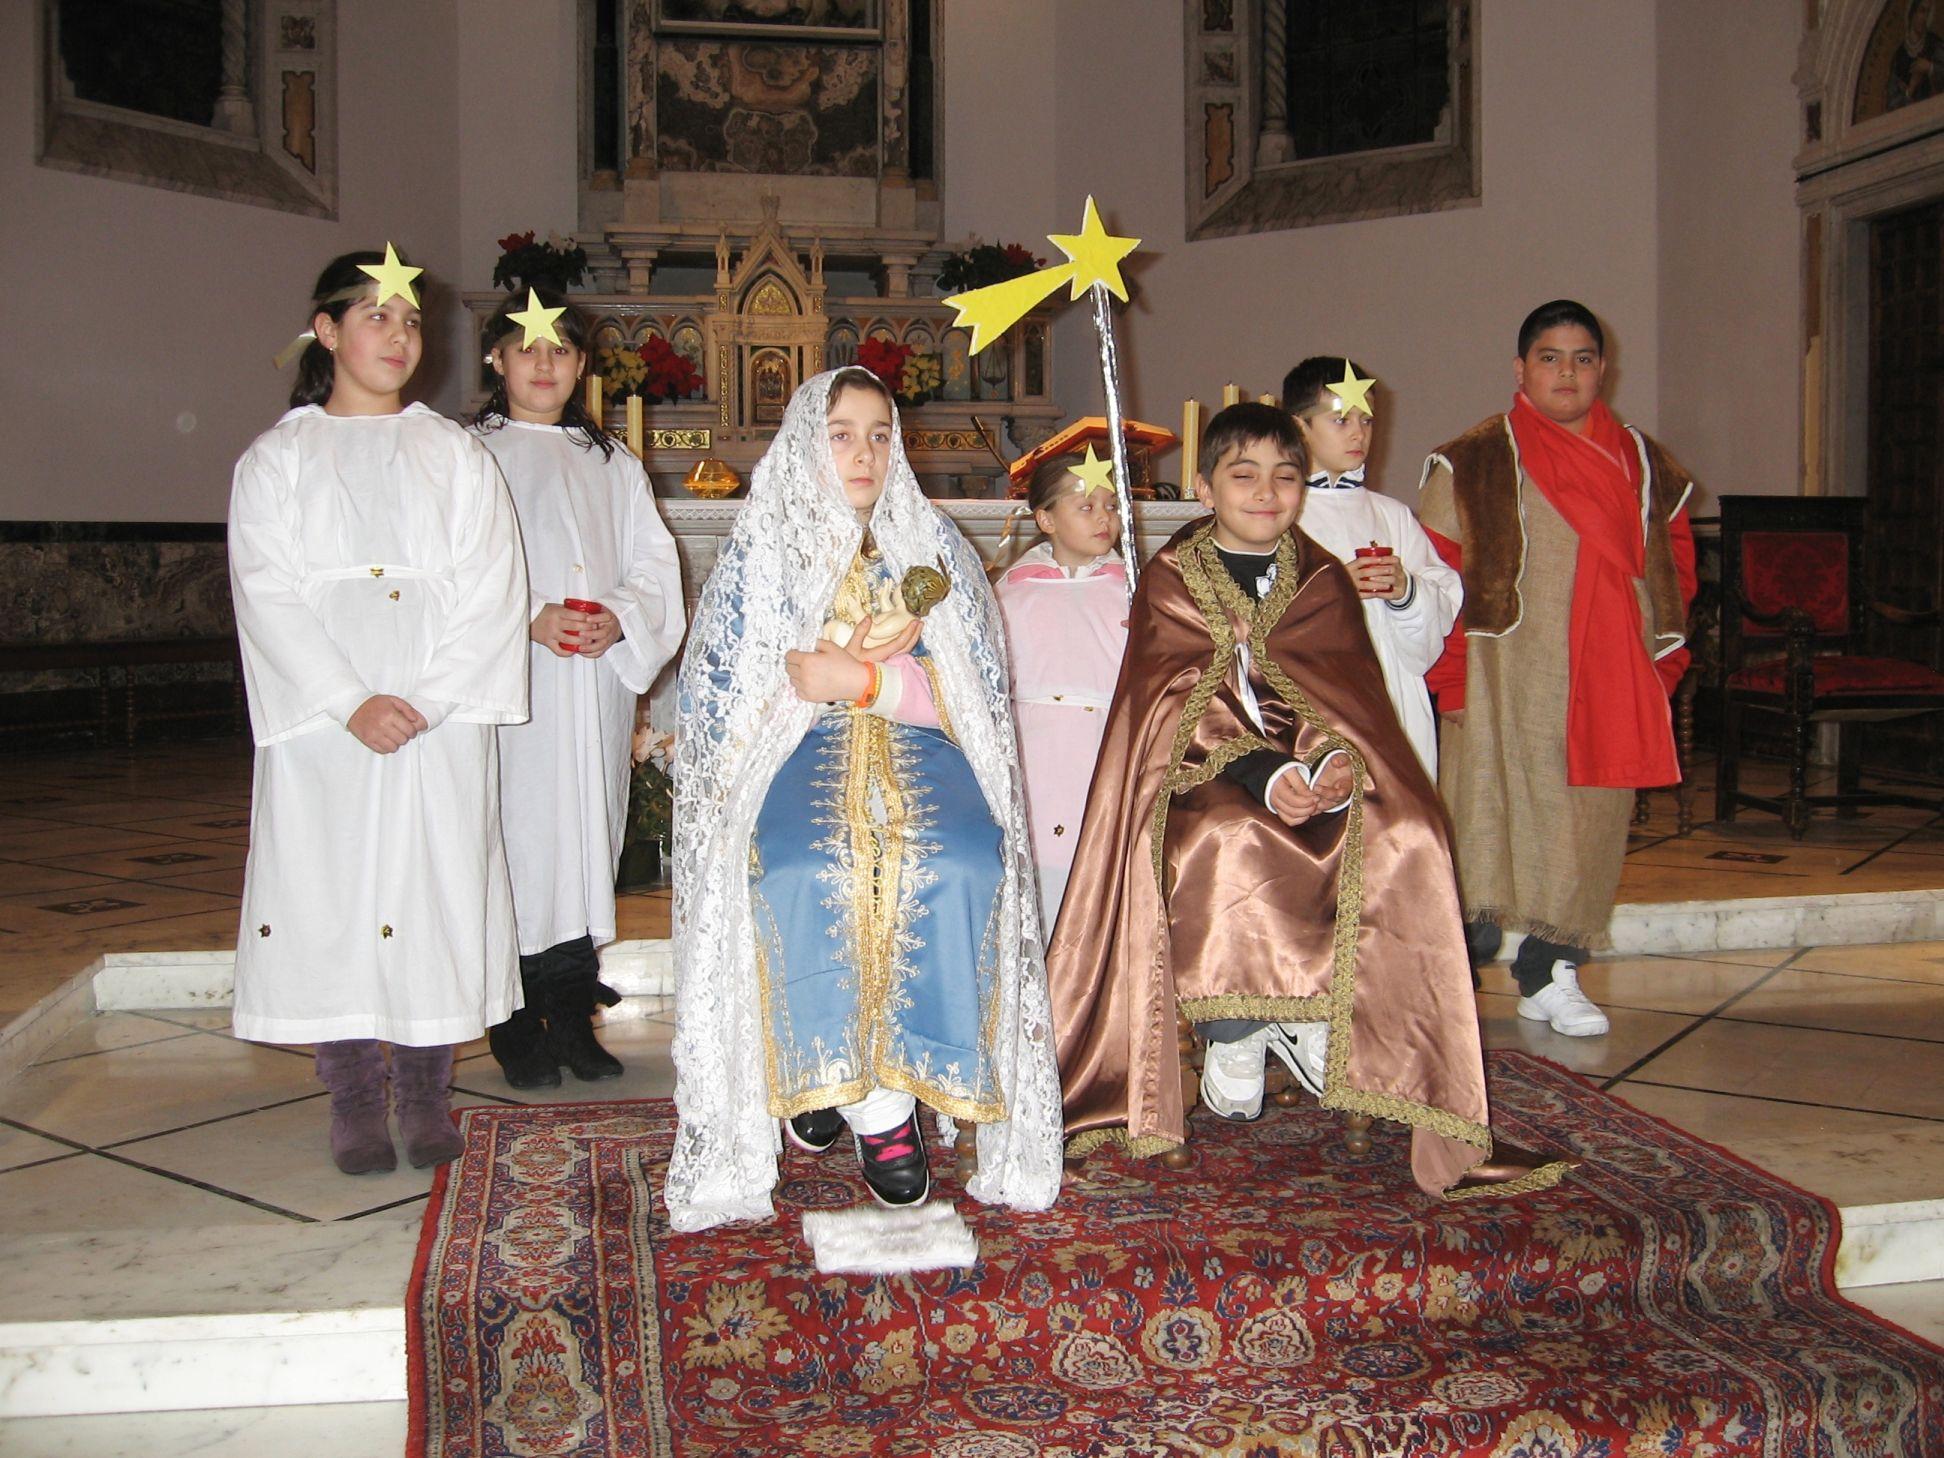 Recita_Natale-2009-12-24--23.53.06